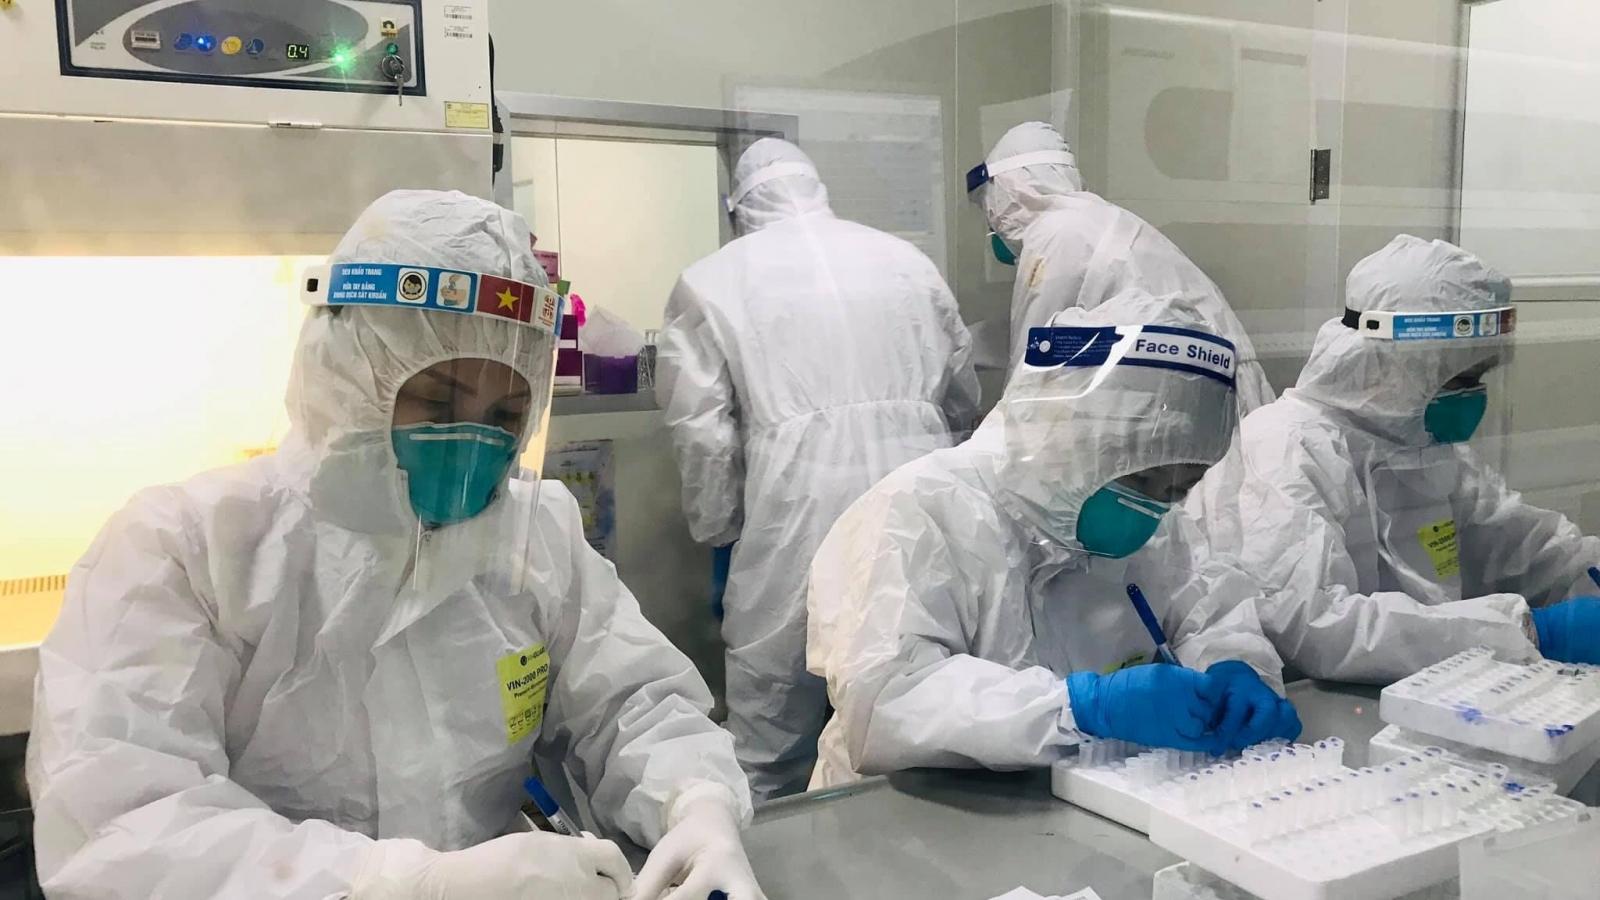 Sáng 23/6, Việt Nam có 55 ca mắc COVID-19 mới tại 3 tỉnh, thành